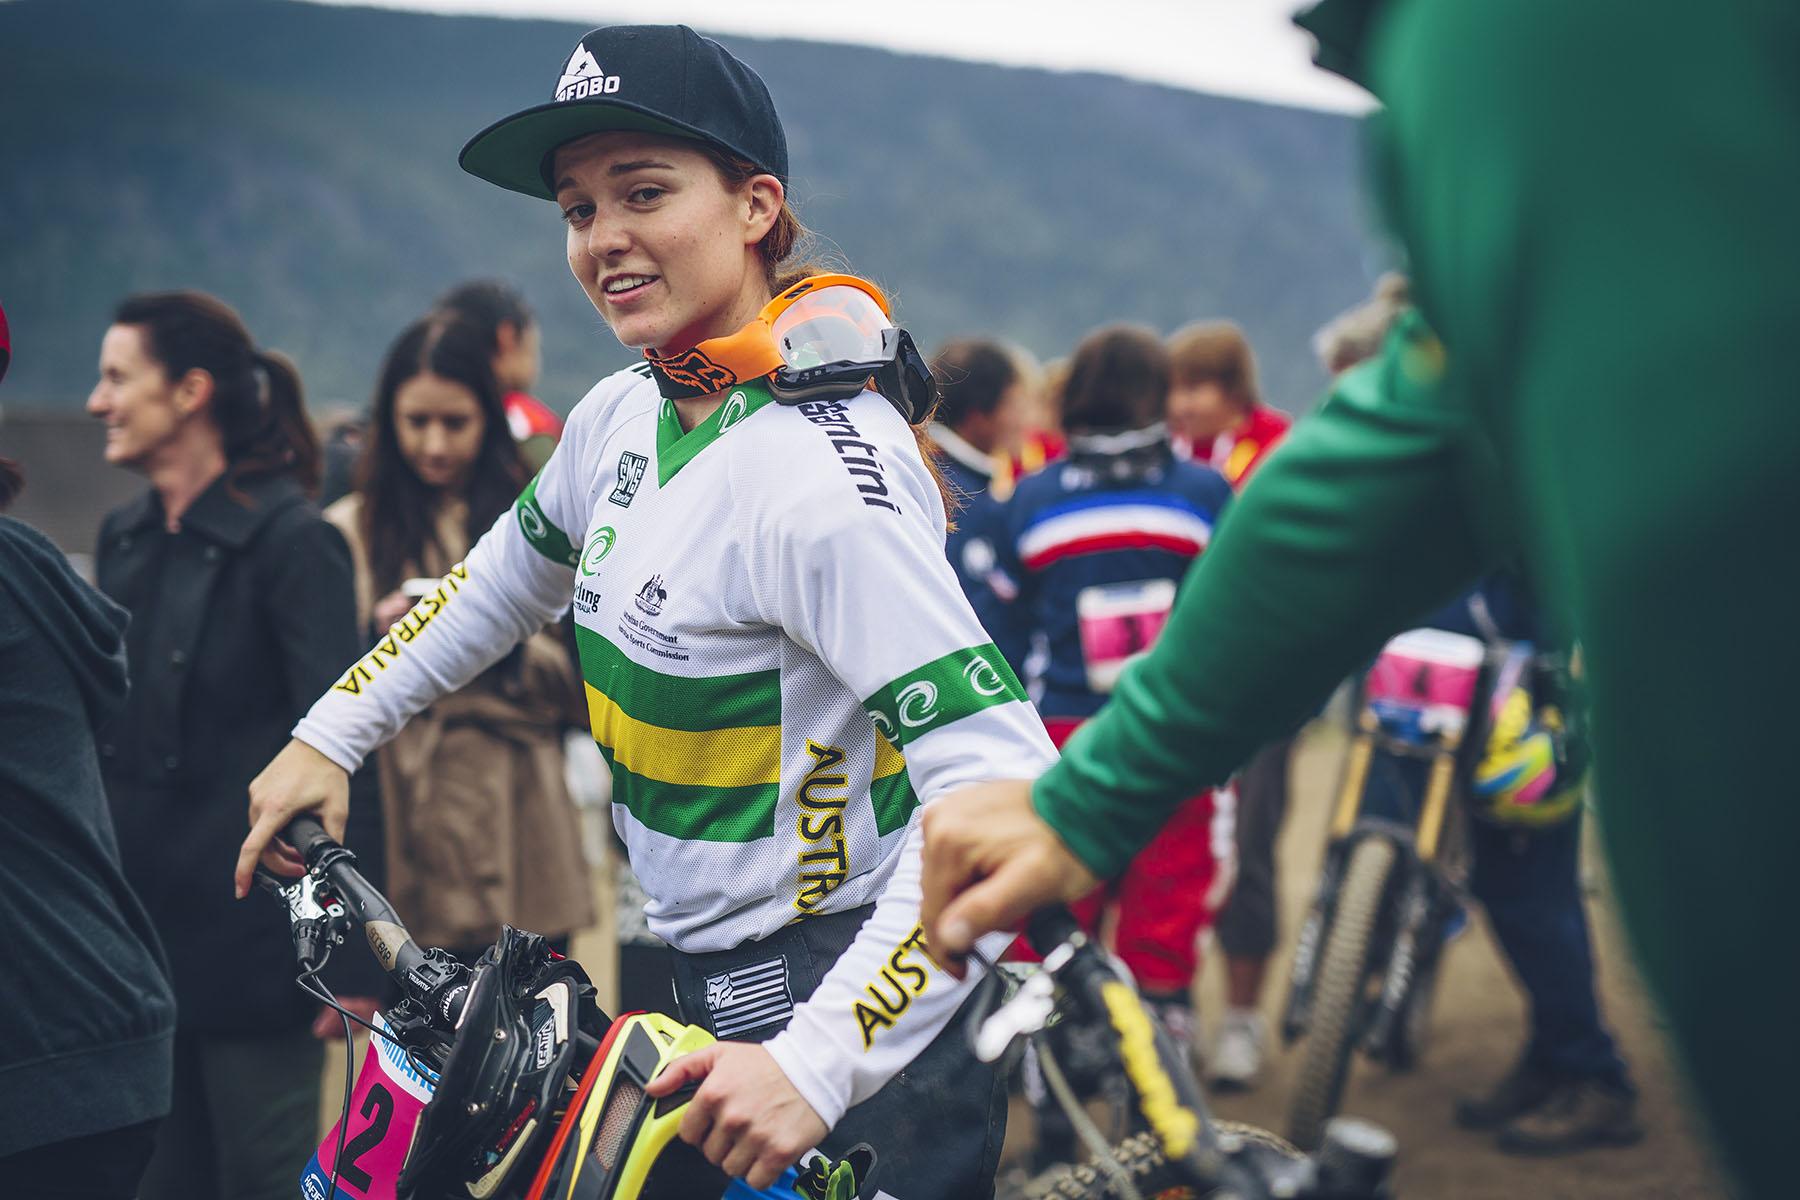 Tegan Molloy war die erste, die sich an diesem Nachmittag einen Titel holte. Junioren Weltmeisterin! Hier gingen nur drei Mädels in Rennen, die Deutsche Raphaela Richter fiel verletzungsbedingt leider aus.